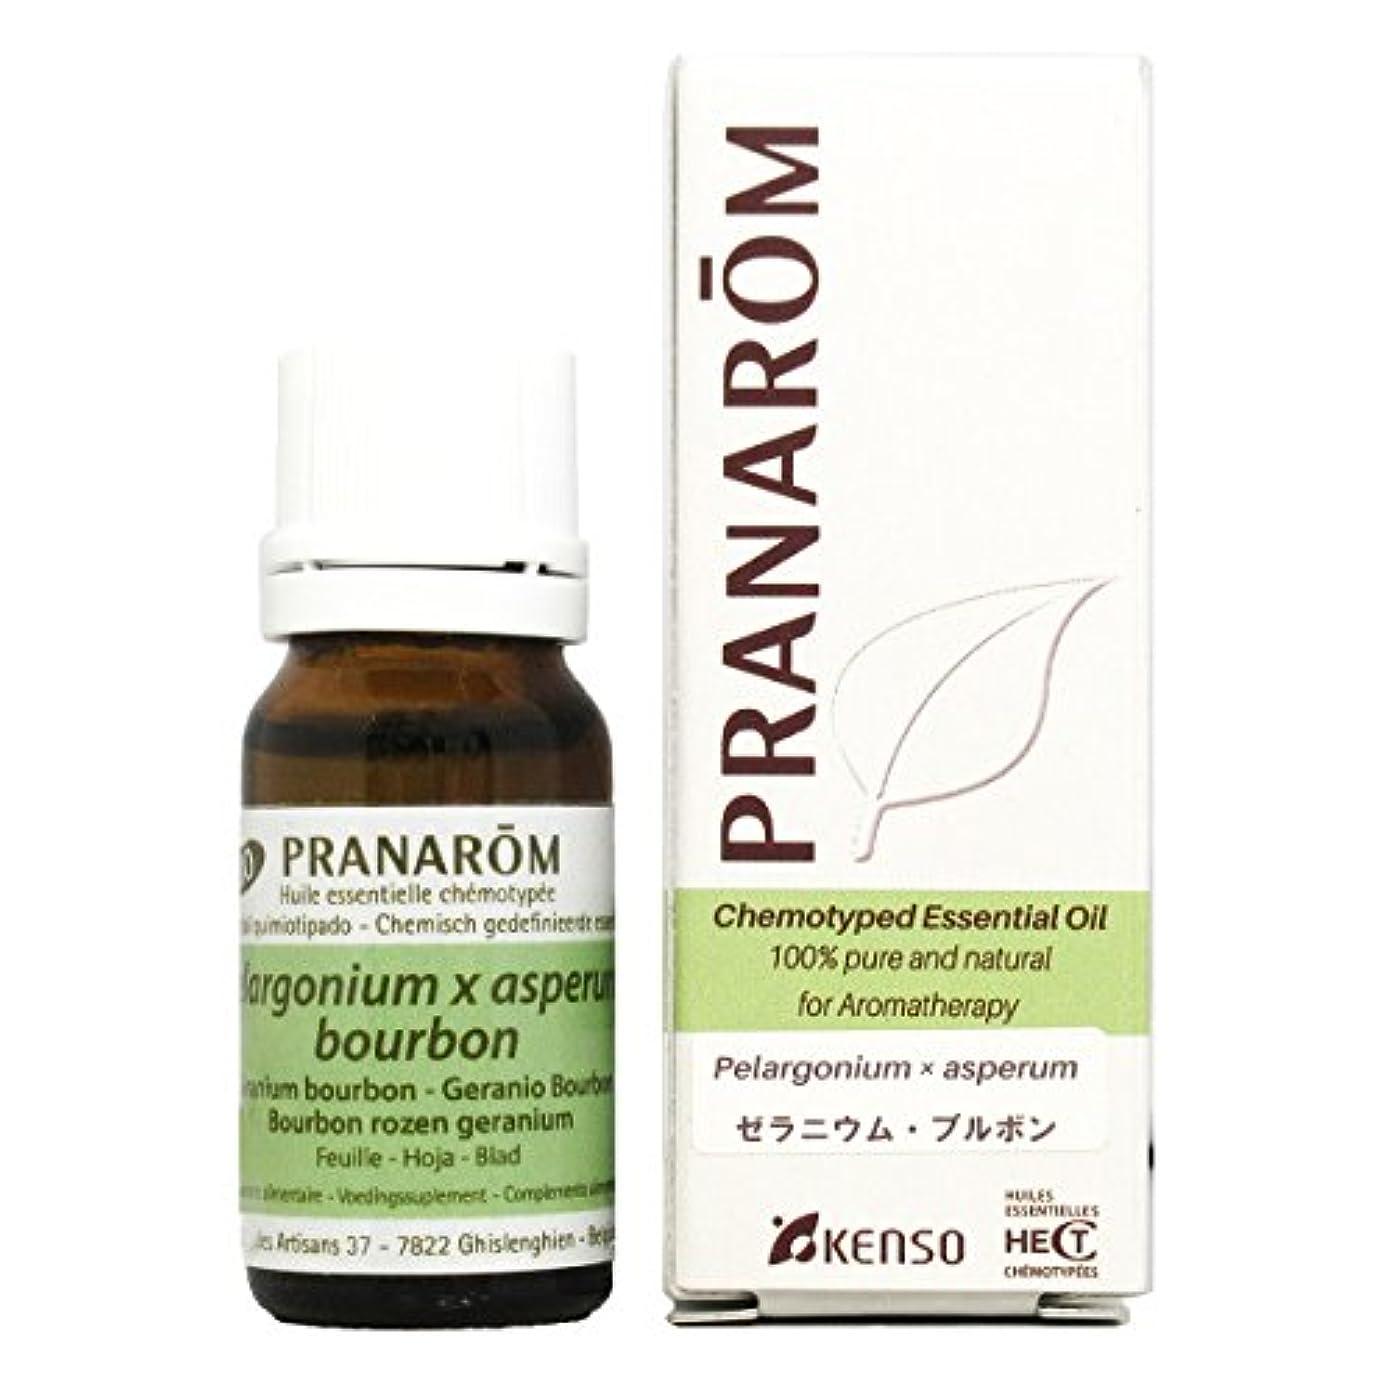 春月曜一般的に【ゼラニウム?ブルボン 10ml】→ゼラニウムの中では、フルーティなイメージが強く、やさしい香り?(リラックスハーブ系)[PRANAROM(プラナロム)精油/アロマオイル/エッセンシャルオイル]P-139